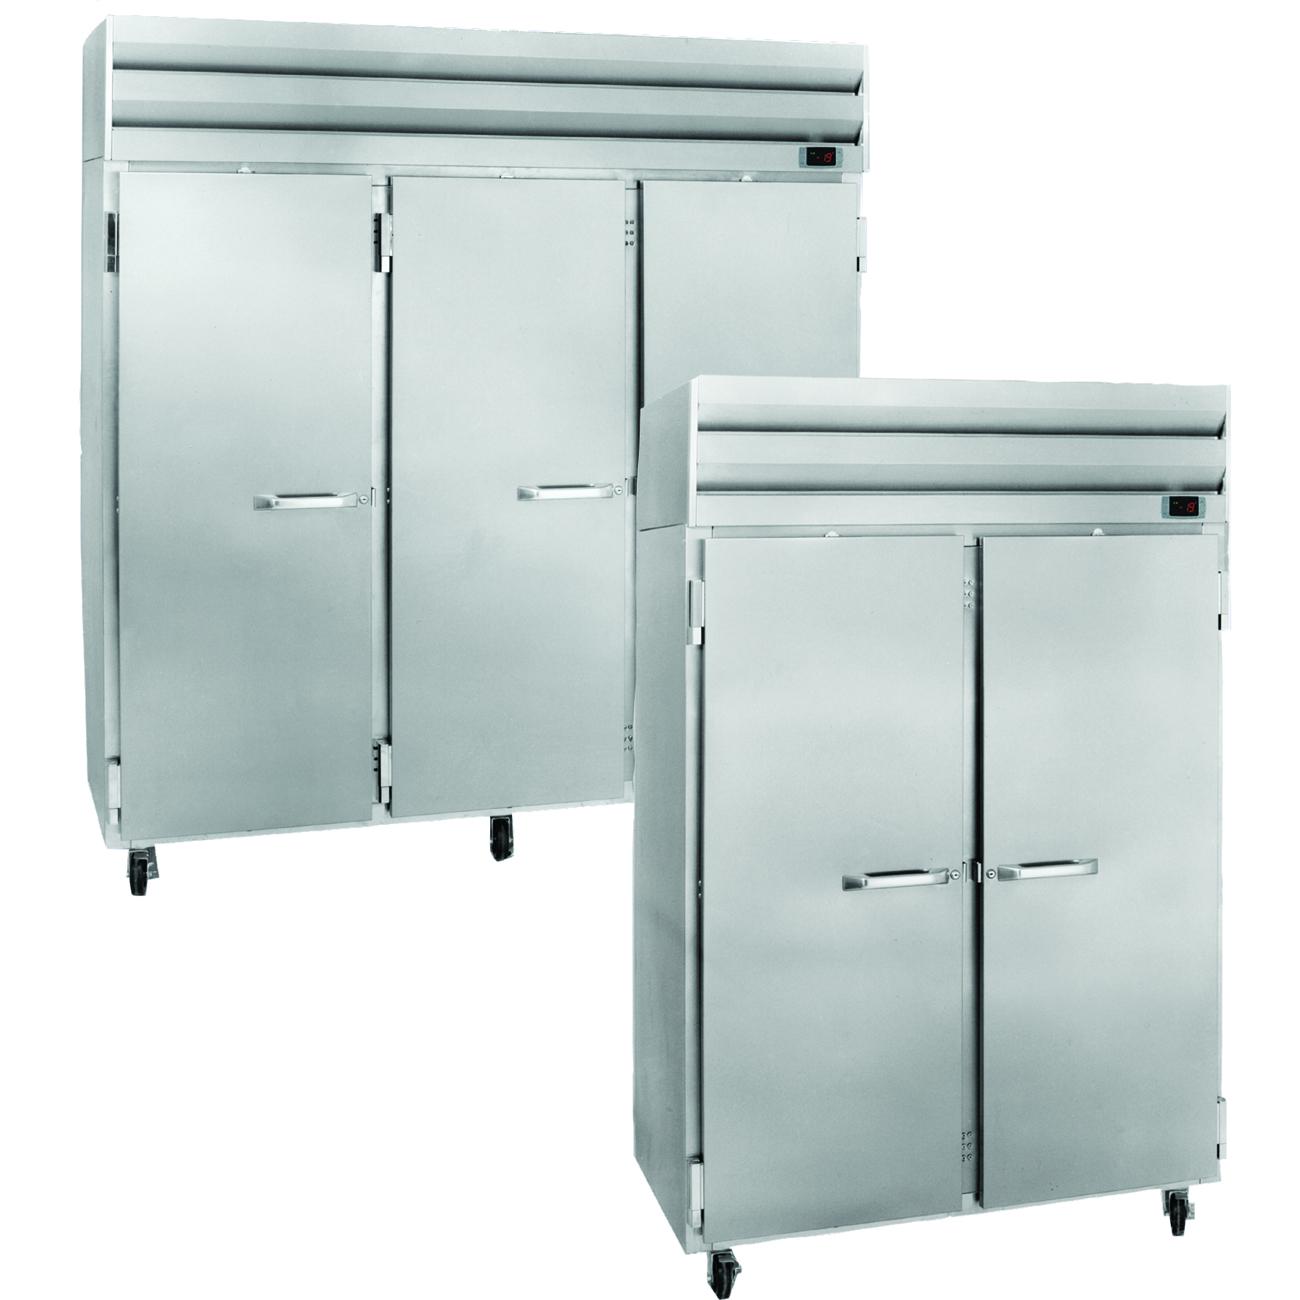 Howard-McCray SR48 refrigerator, reach-in